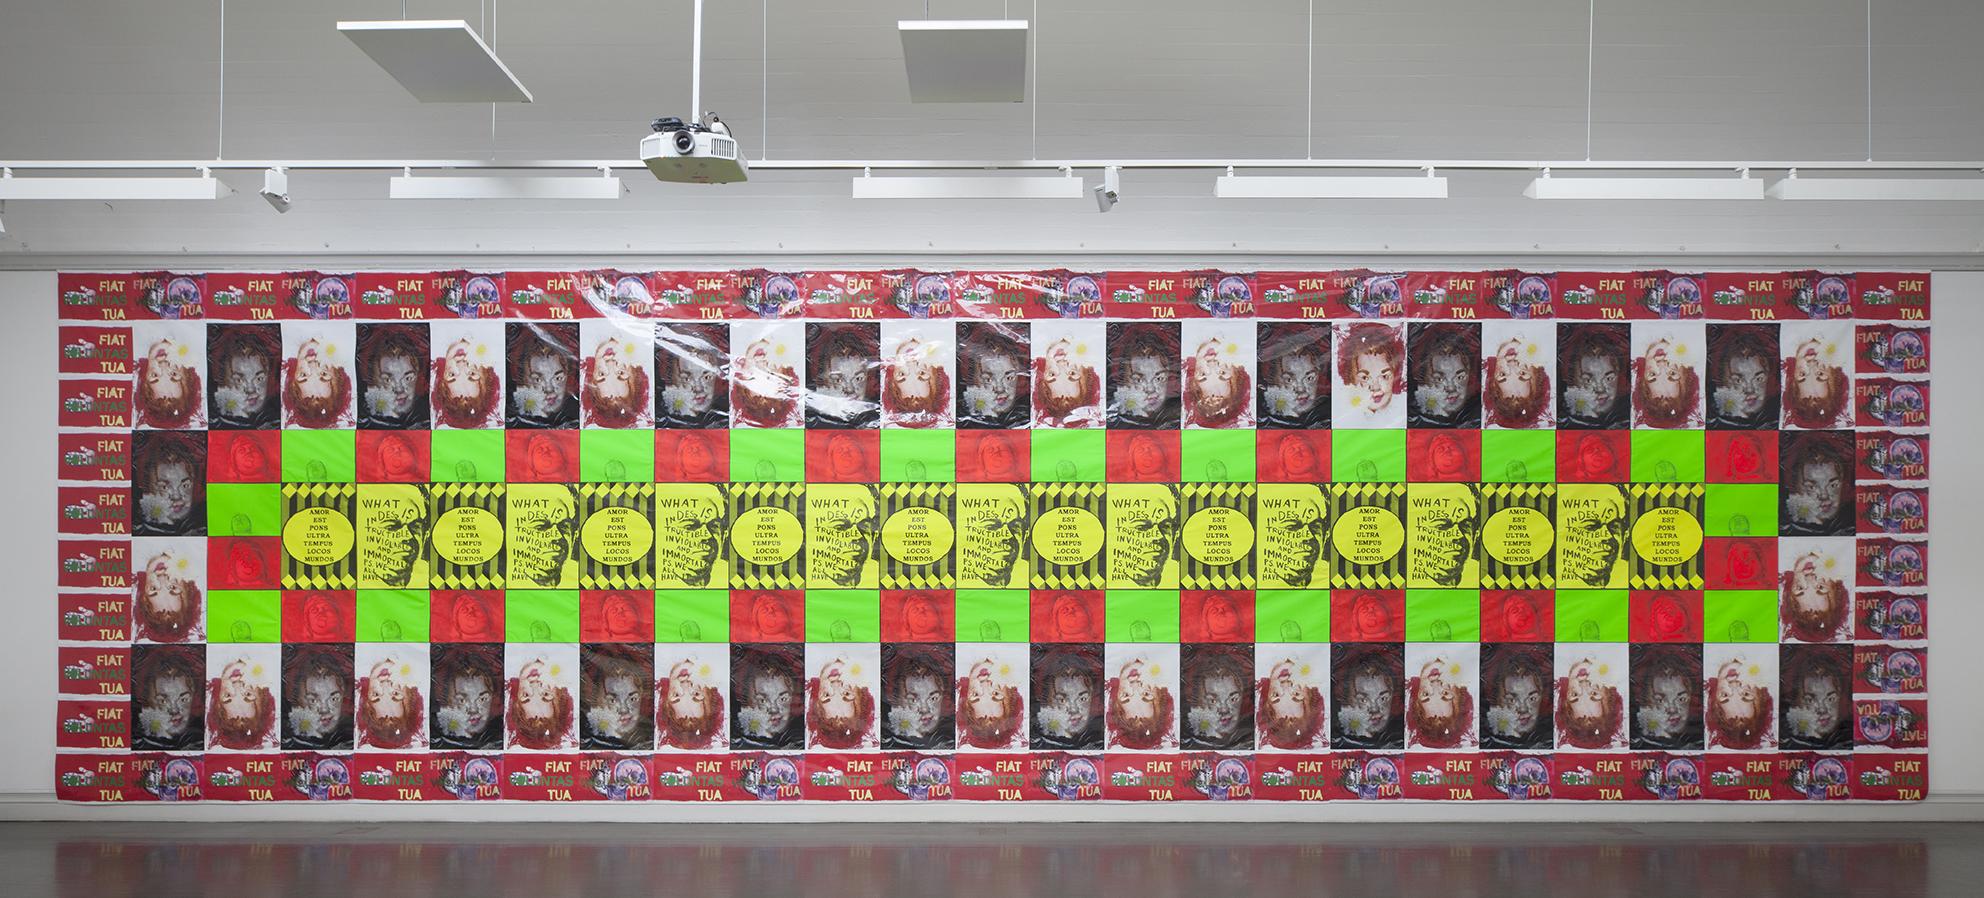 Jukka Korkeila, Fiat Voluntas Tua (Thy will be done), poster installation, Last Artists´ exhibition, kunsthalle, Helsinki, Finland, 2014-15, curated by Marketta Haila & Villu Jaanisoo